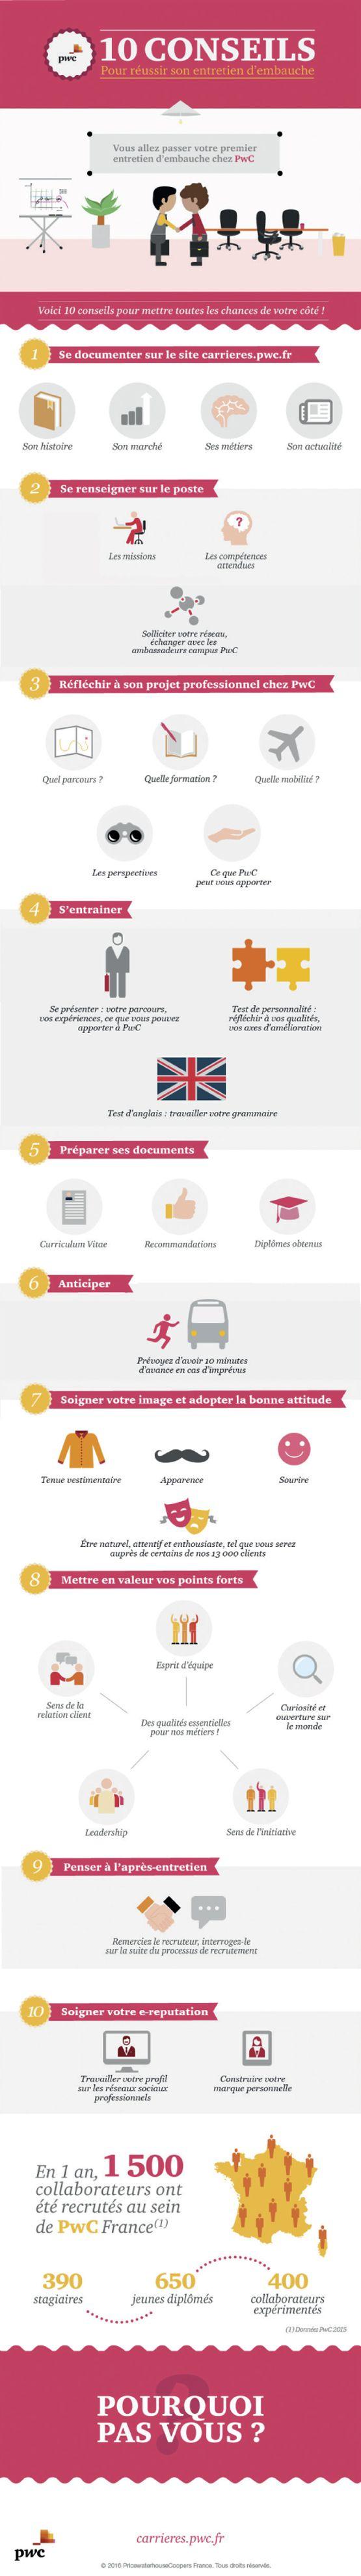 10 conseils pour réussir son entretien d'embauche